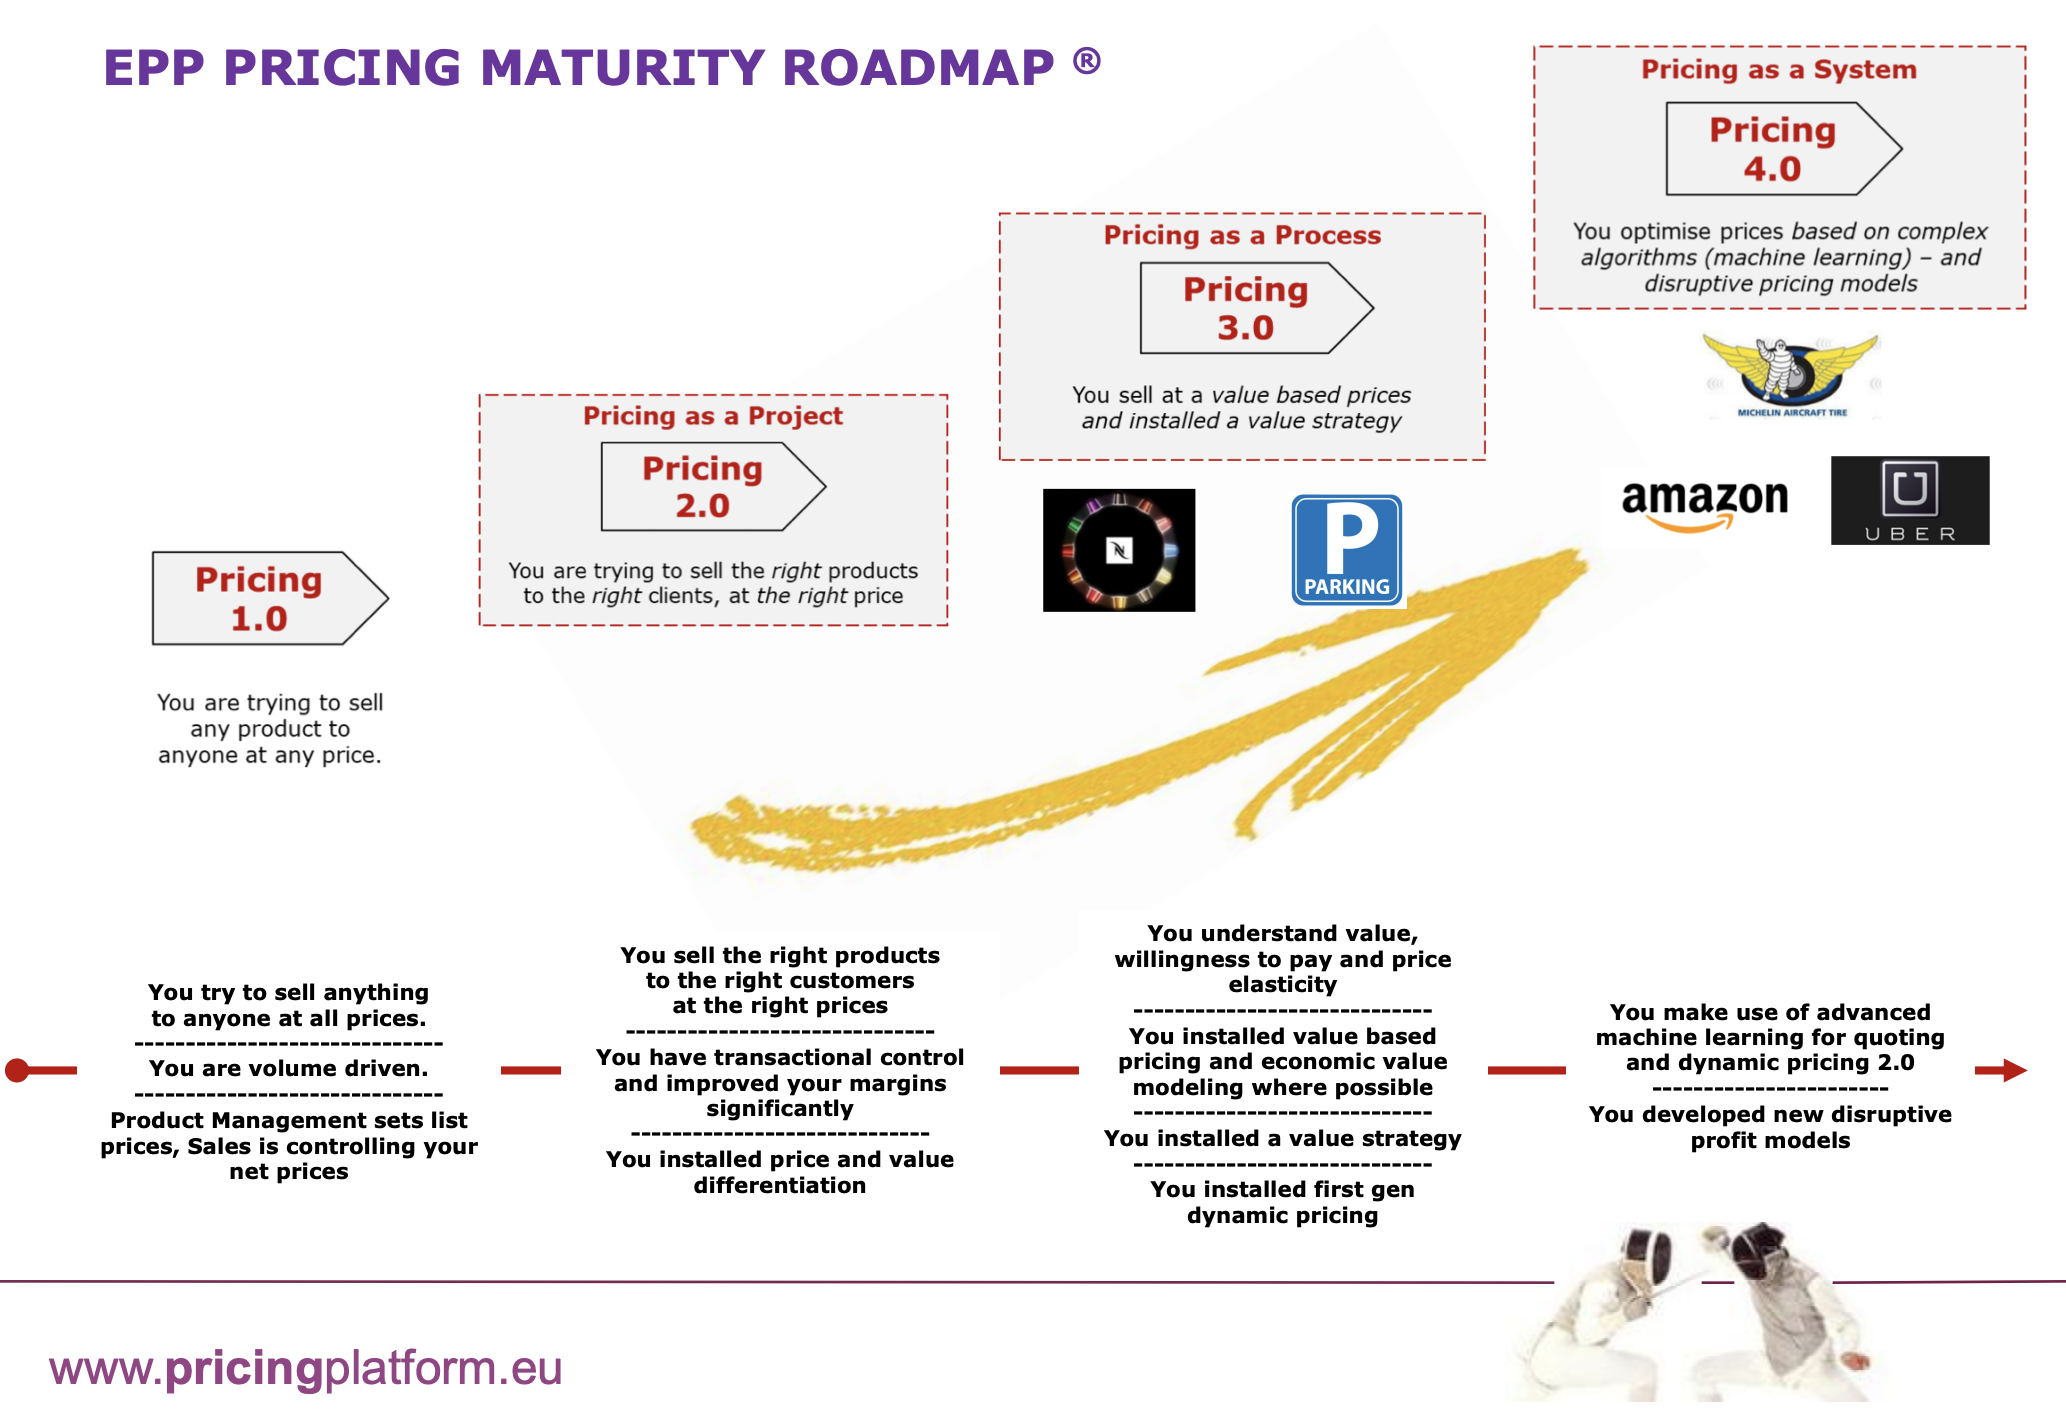 European Pricing Platform Pricing Maturity Roadmap